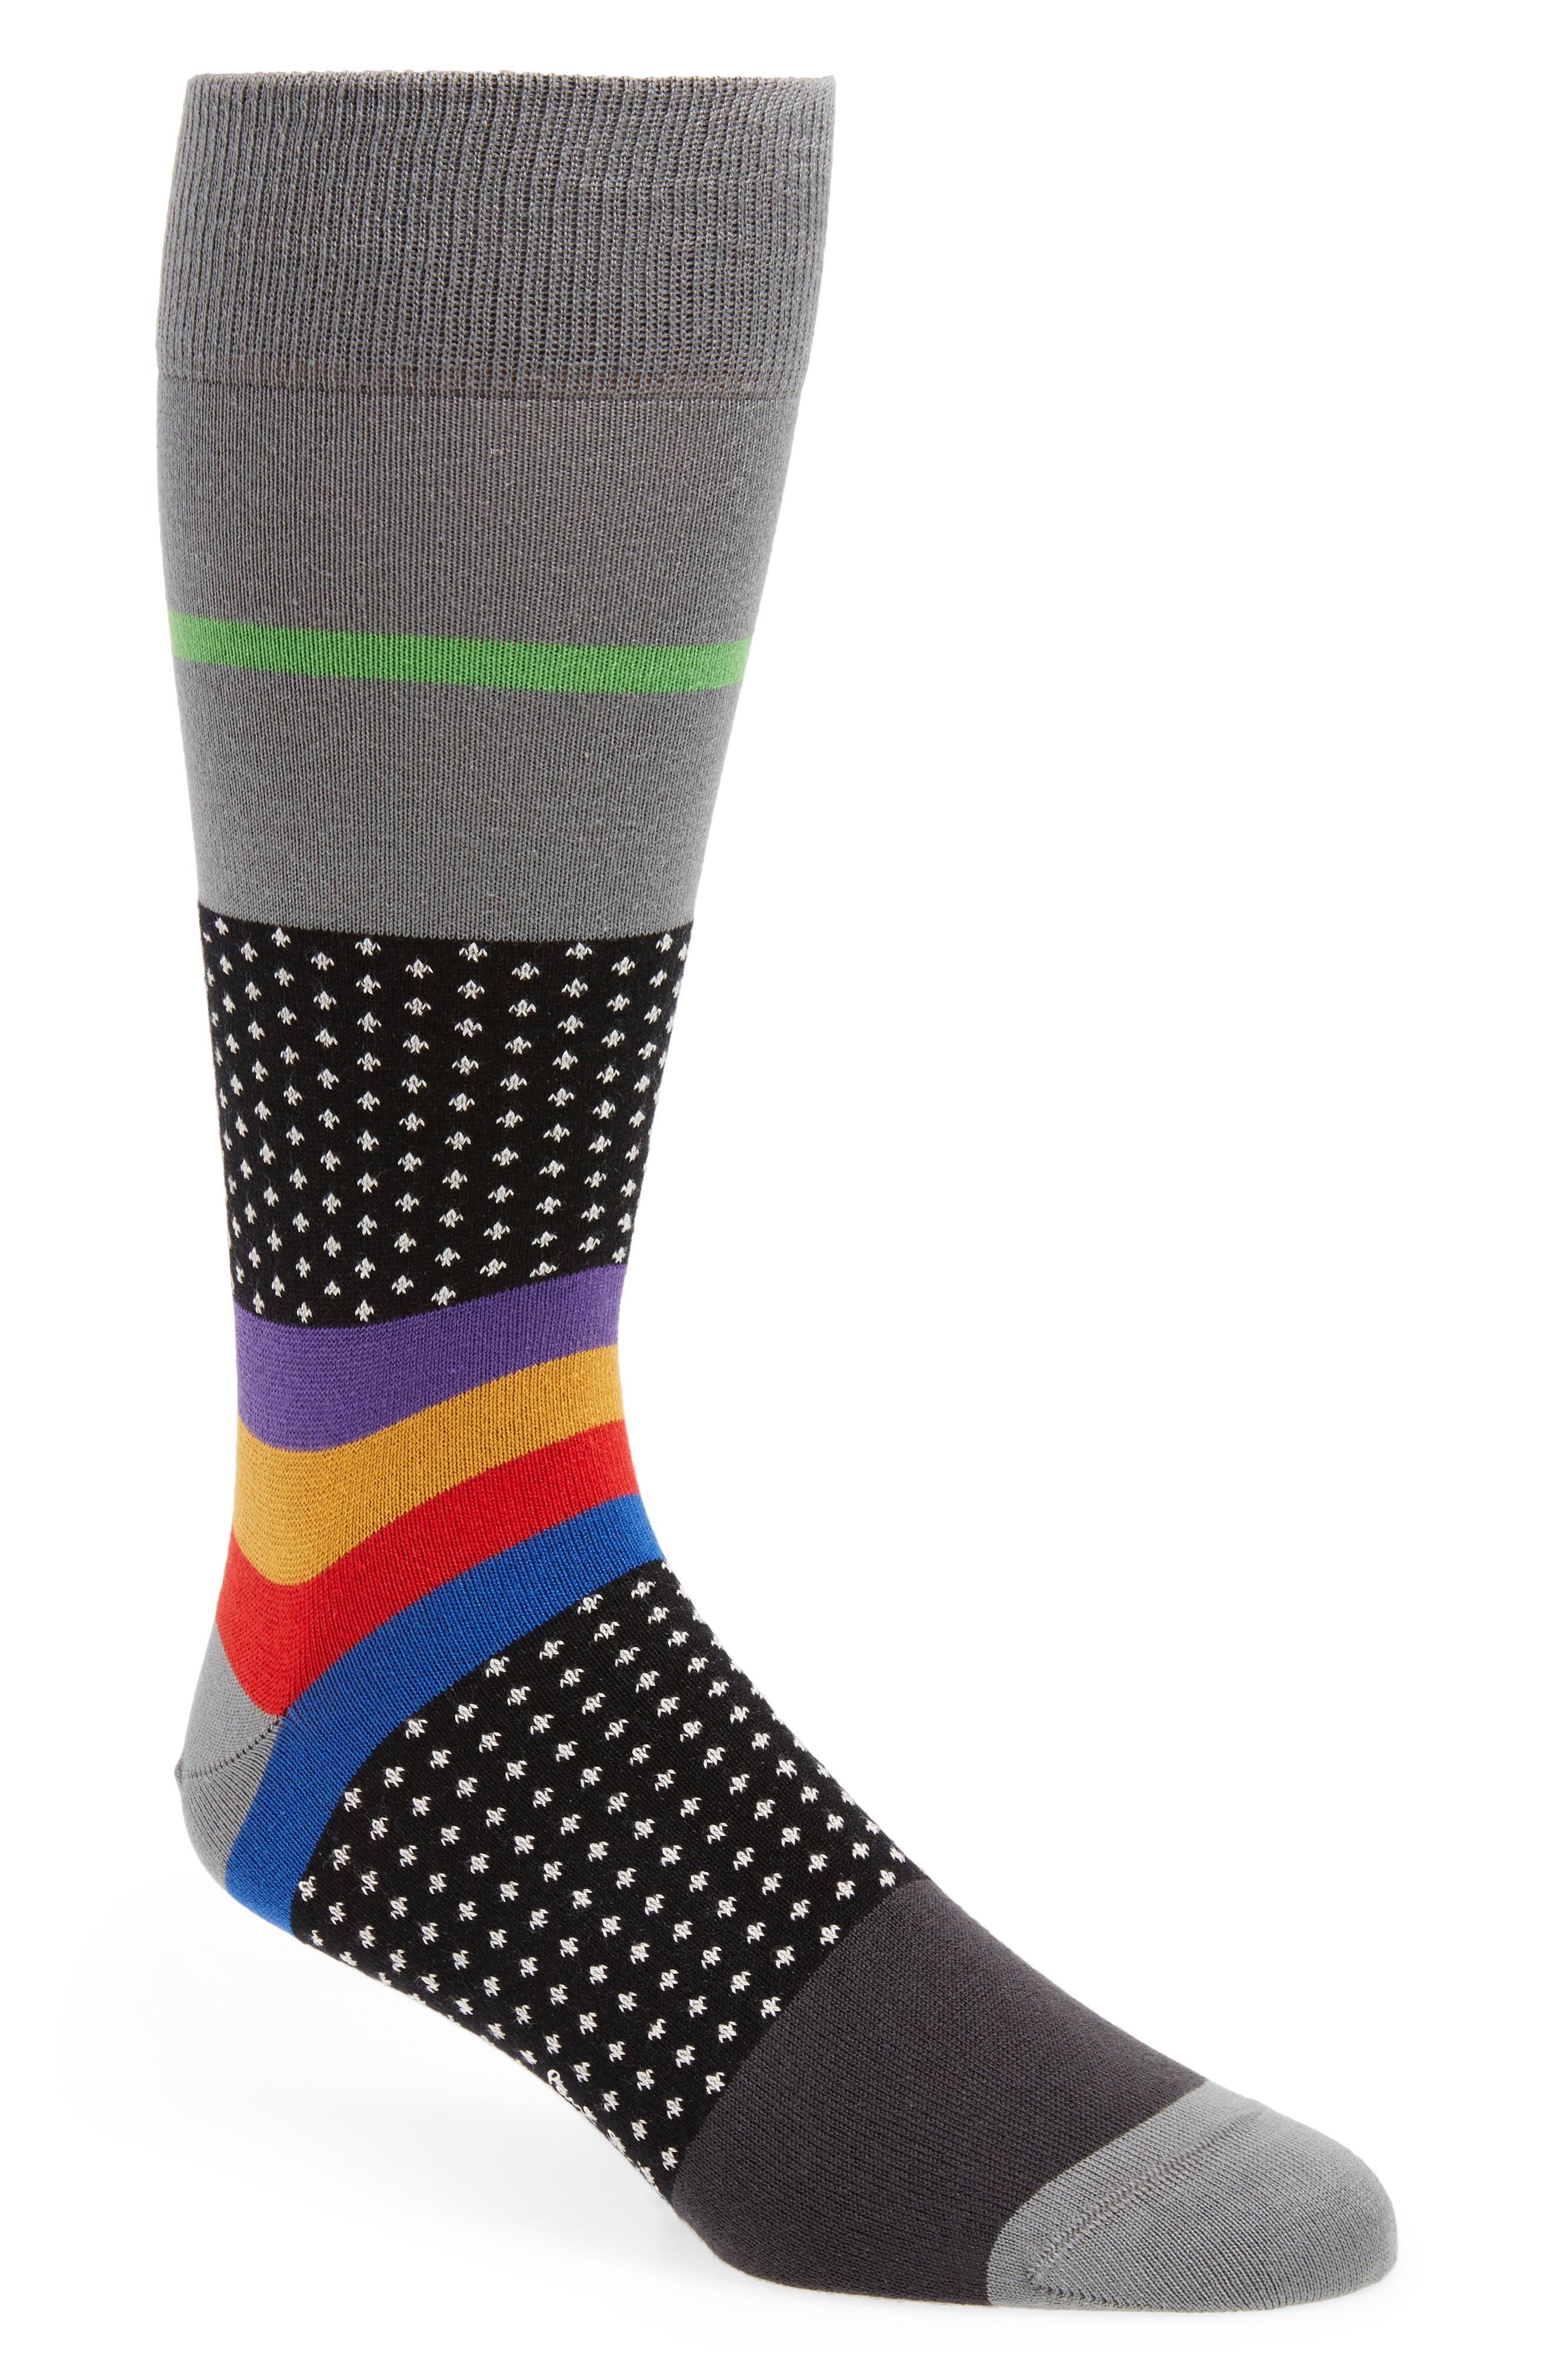 Spot Stripe Socks,                         Main,                         color, Black